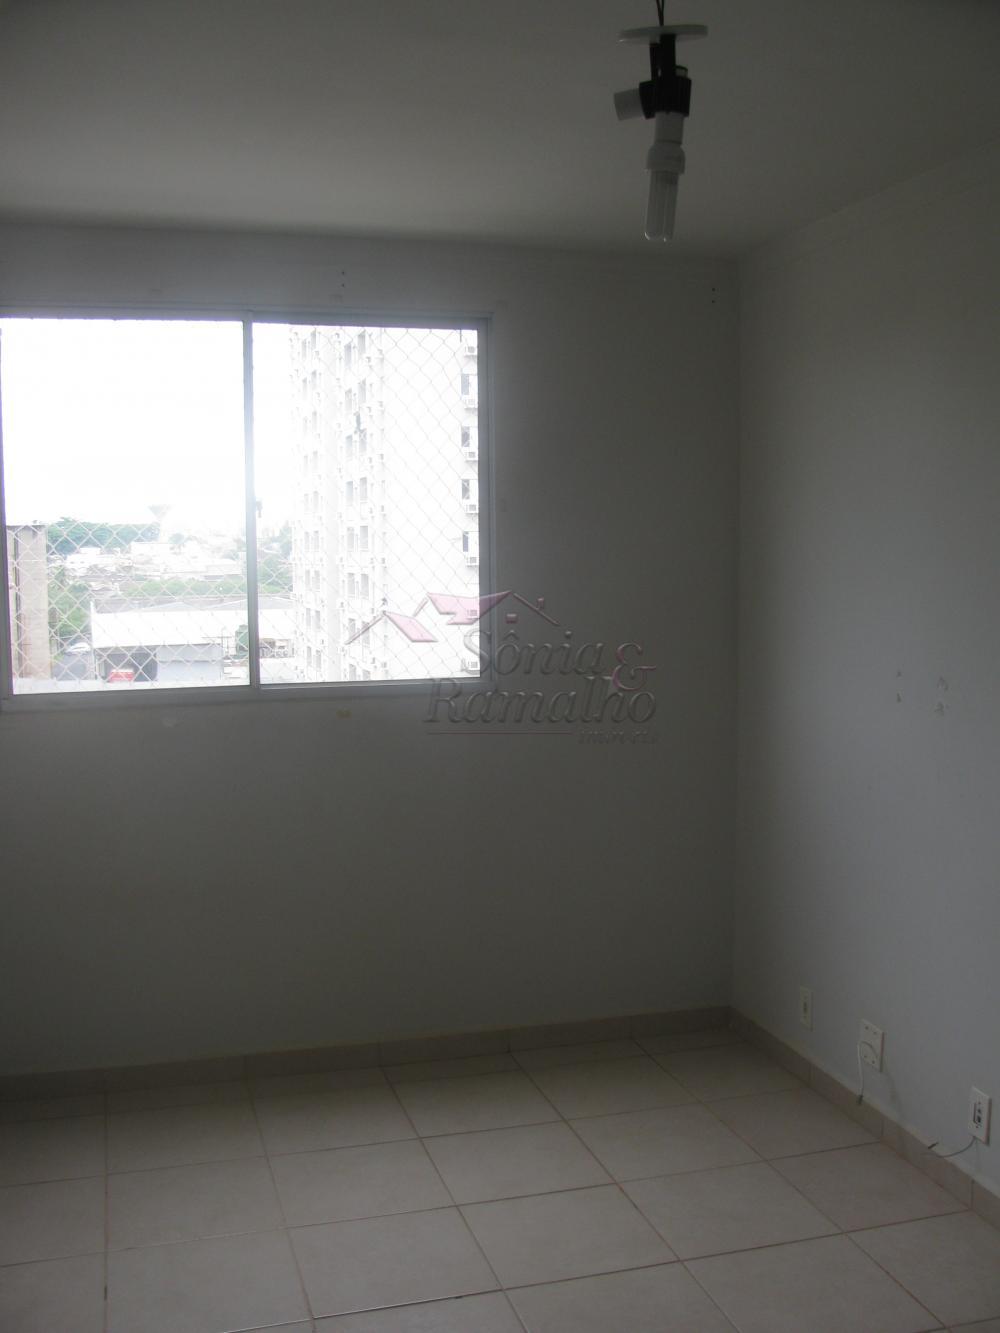 Alugar Apartamentos / Padrão em Ribeirão Preto apenas R$ 600,00 - Foto 7